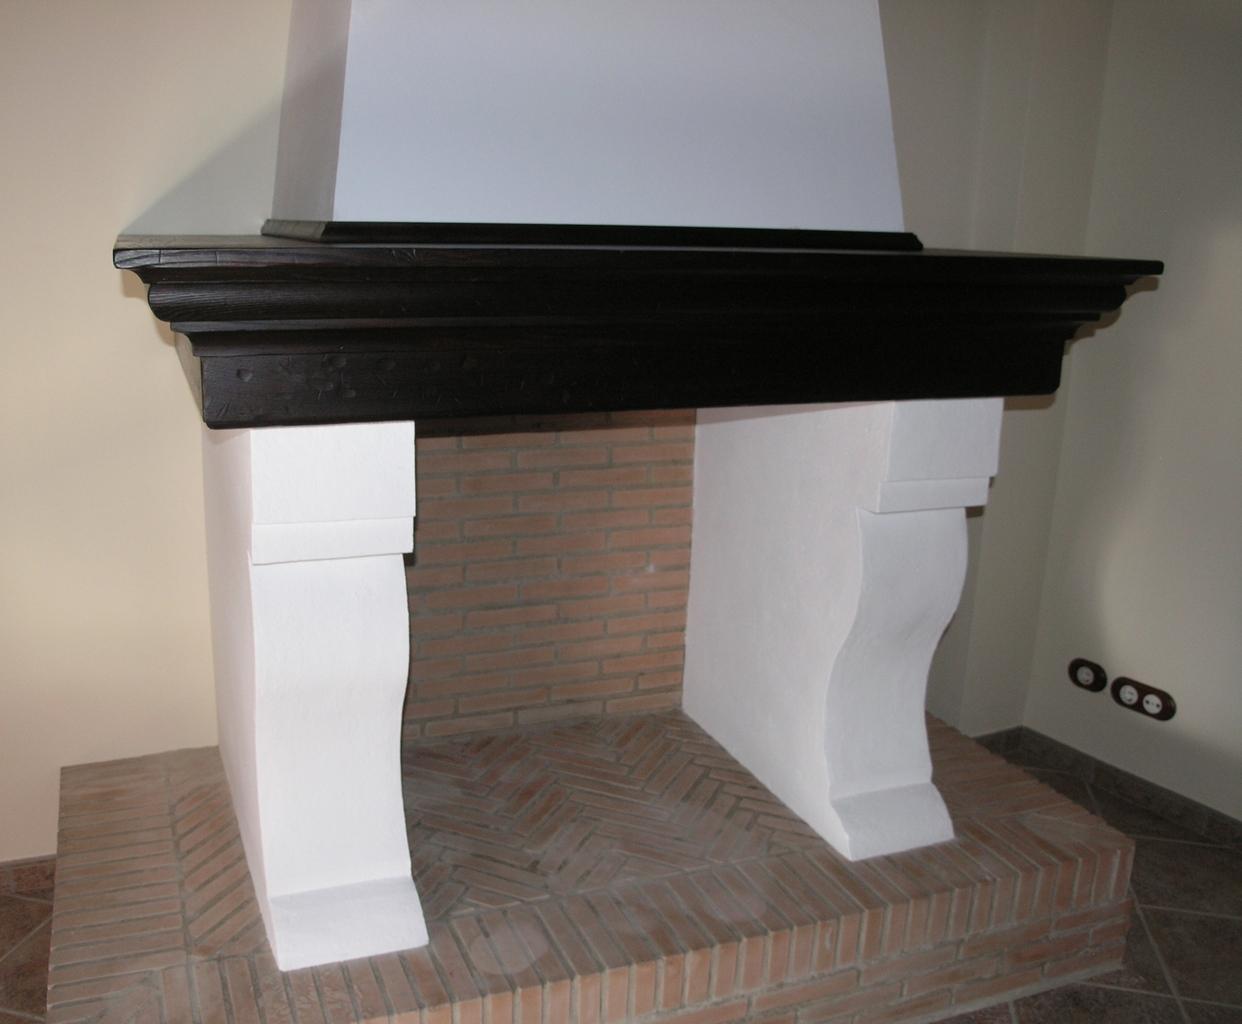 Rustical reproducci n del mueble antiguo revestimiento - Molduras para chimeneas ...